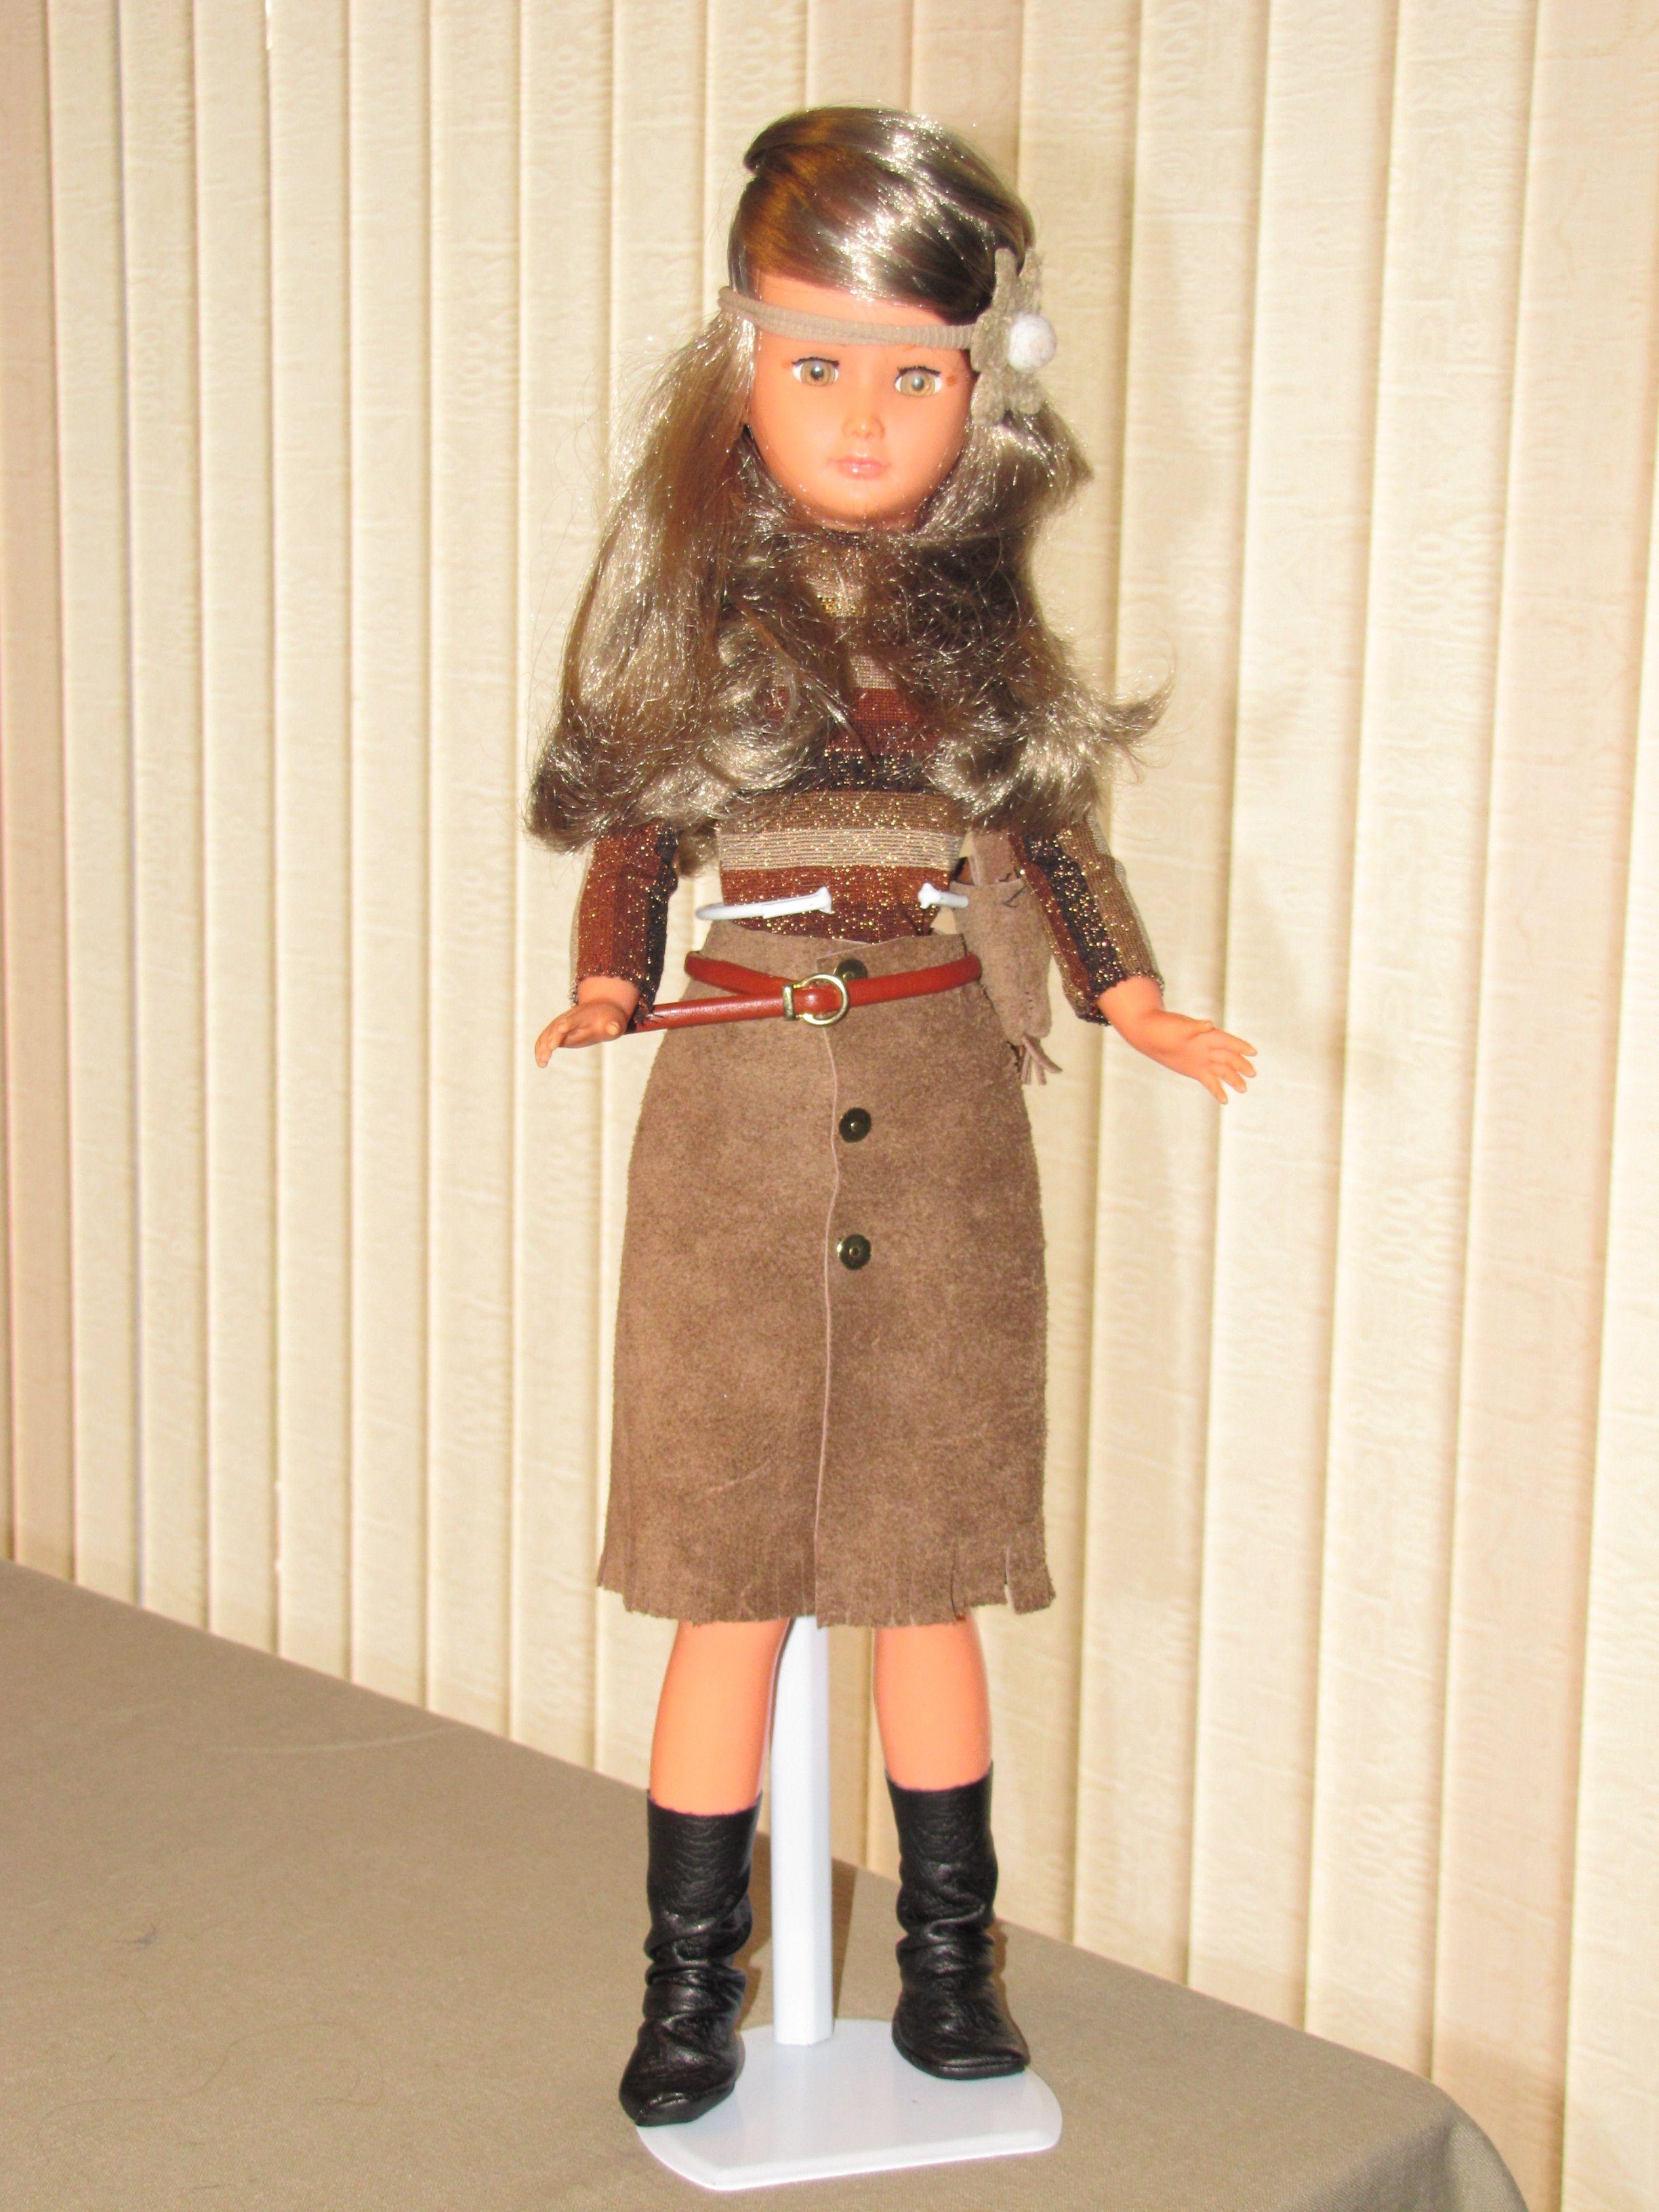 Dolly en tenue imitation o daim